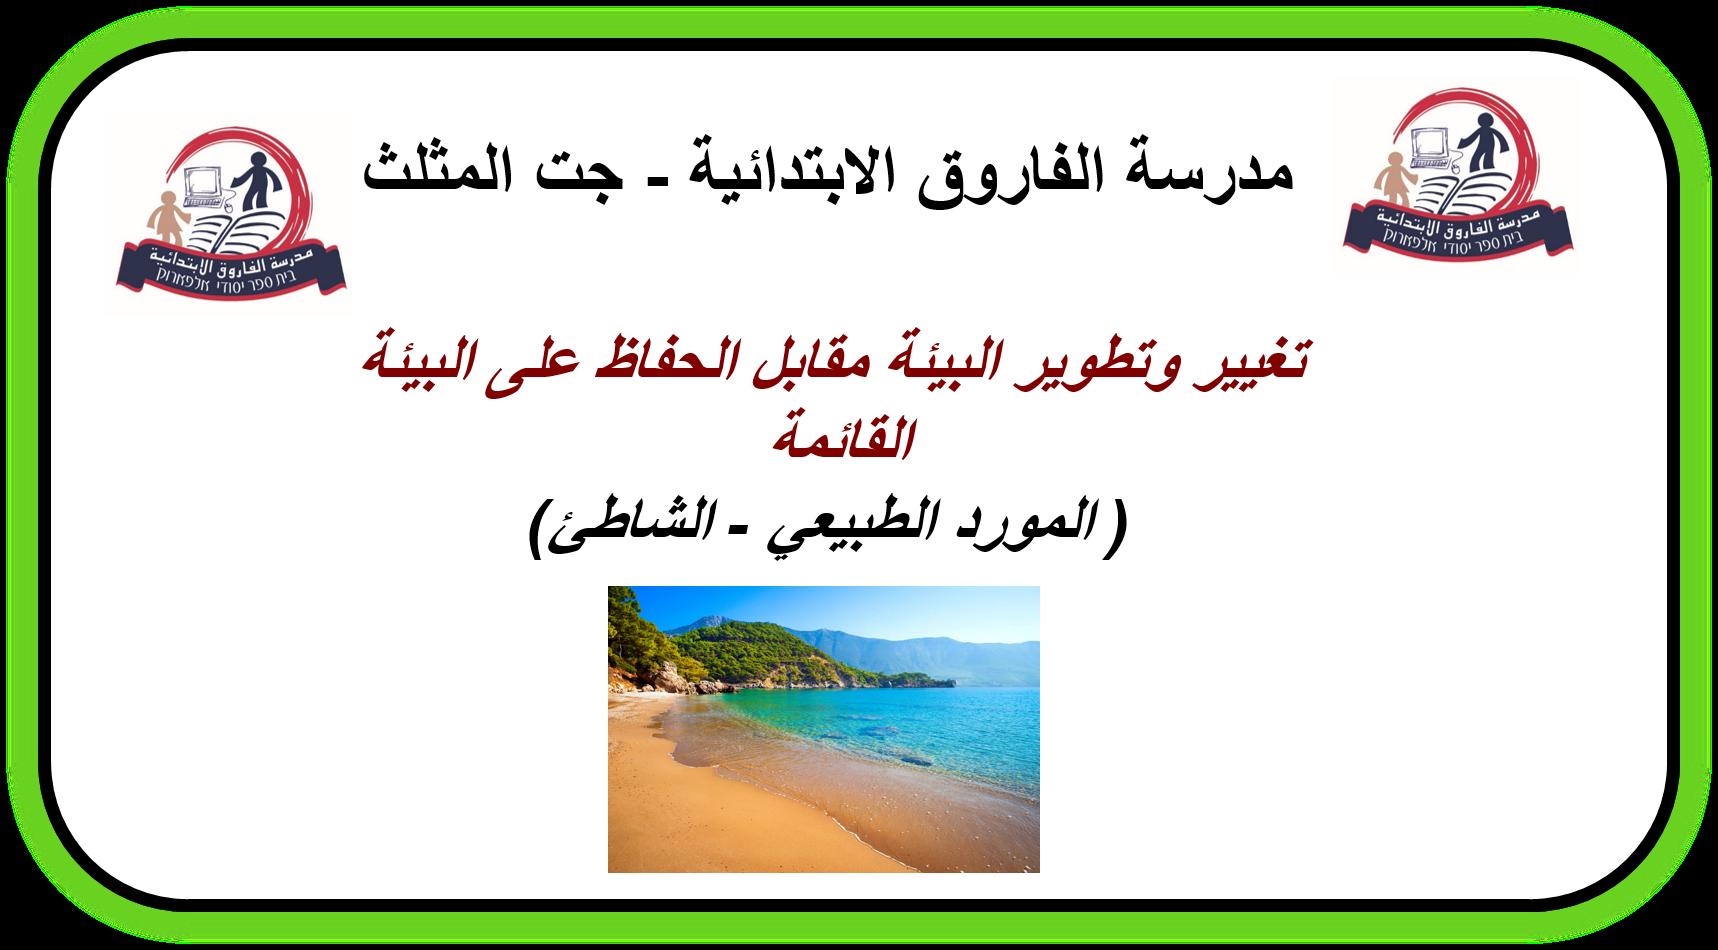 تغيير وتطوير البيئة مقابل الحفاظ على الطبيعة القائمة by sawsan shamiya - Illustrated by سوسن شامية - Ourboox.com